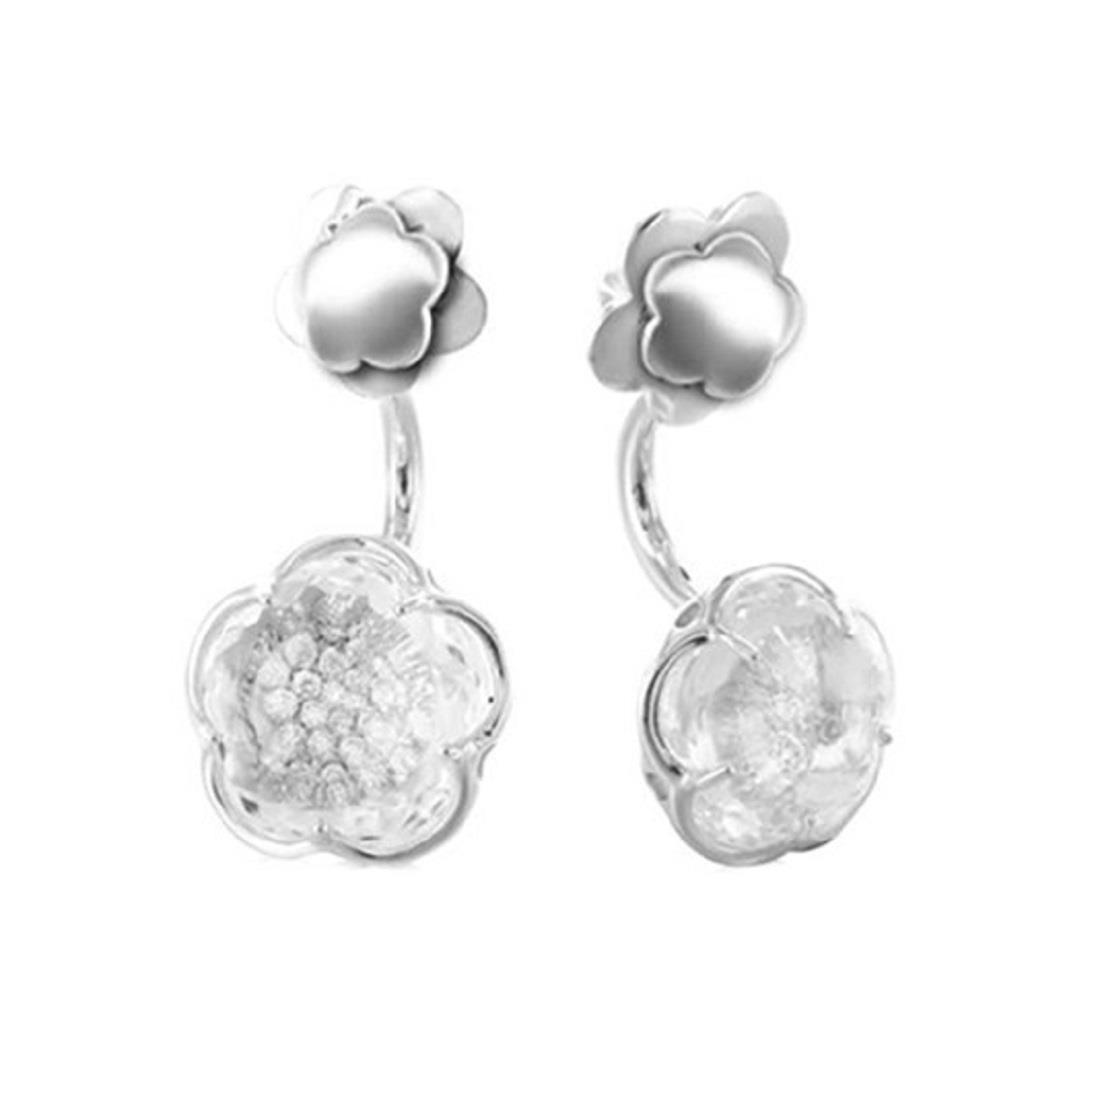 Orecchini con diamanti e cristallo di rocca - PASQUALE BRUNI